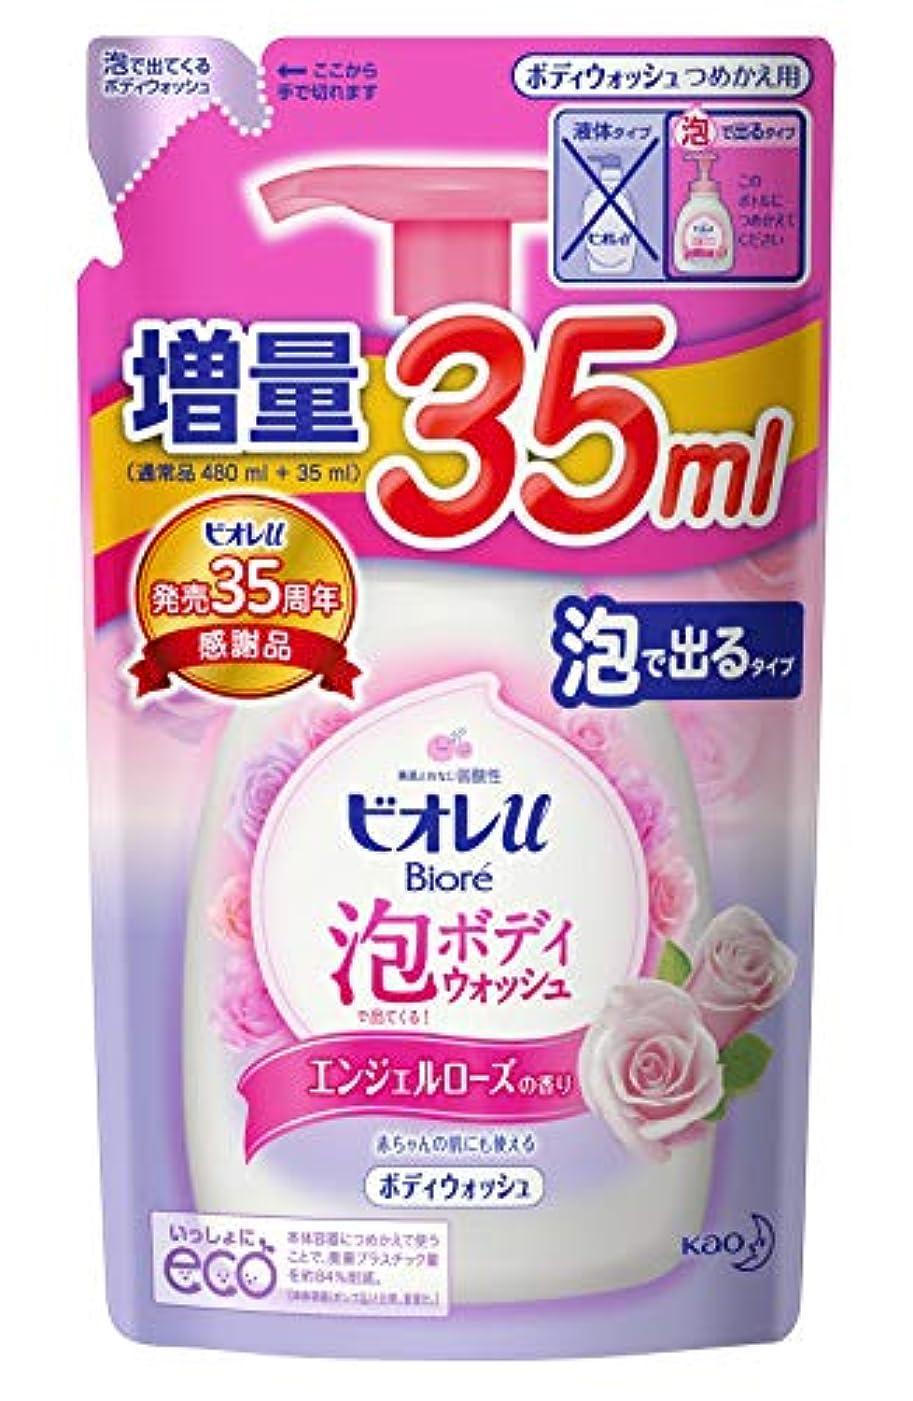 脅威湾雨のビオレu 泡で出てくるボディウォッシュ エンジェルローズの香り つめかえ用 515ml(通常480ml+35ml)